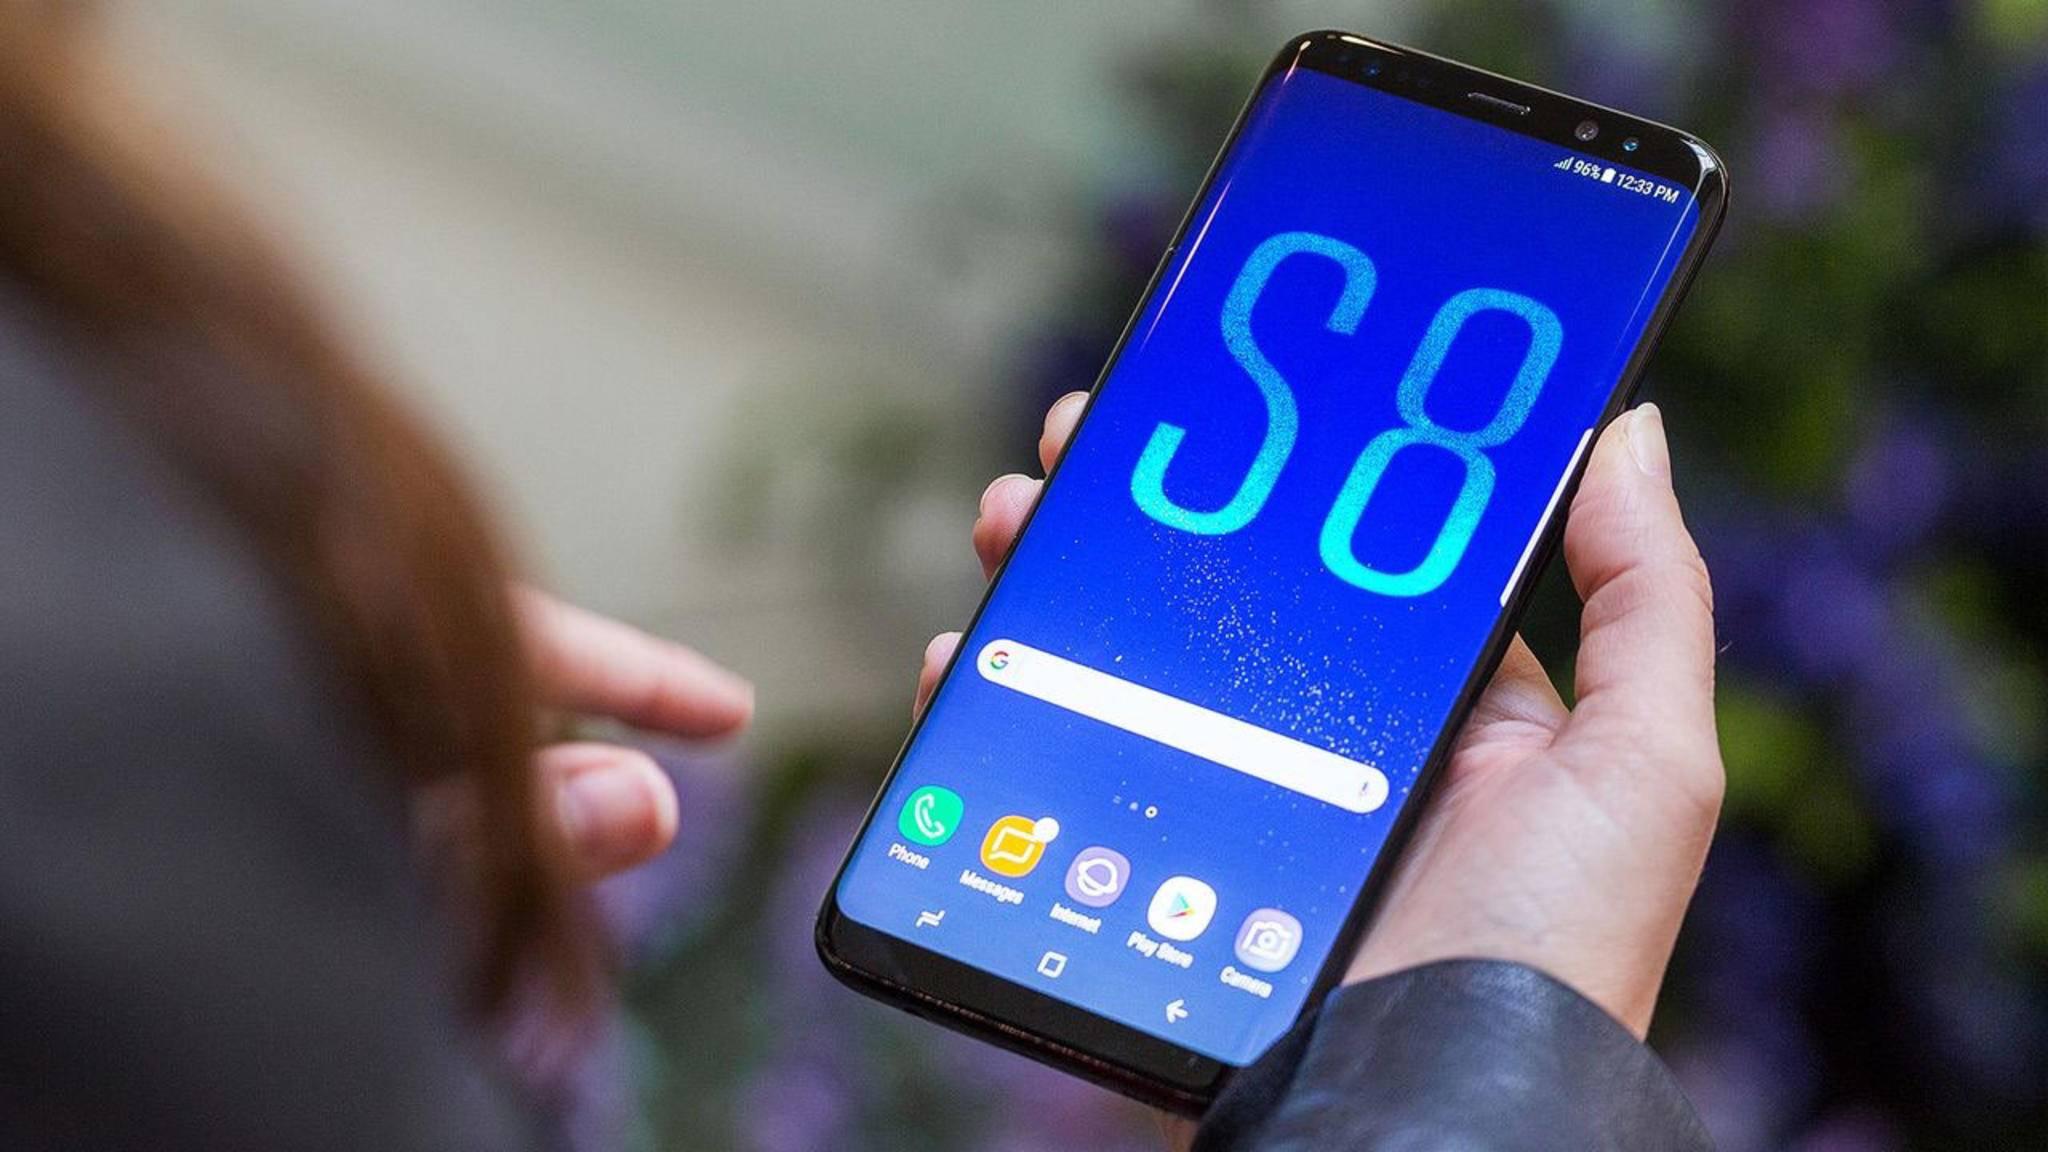 Tolle Technik, aber ein sprichwörtliches Glaskinn: Das Galaxy S8 versagt im Falltest der Stiftung Warentest.